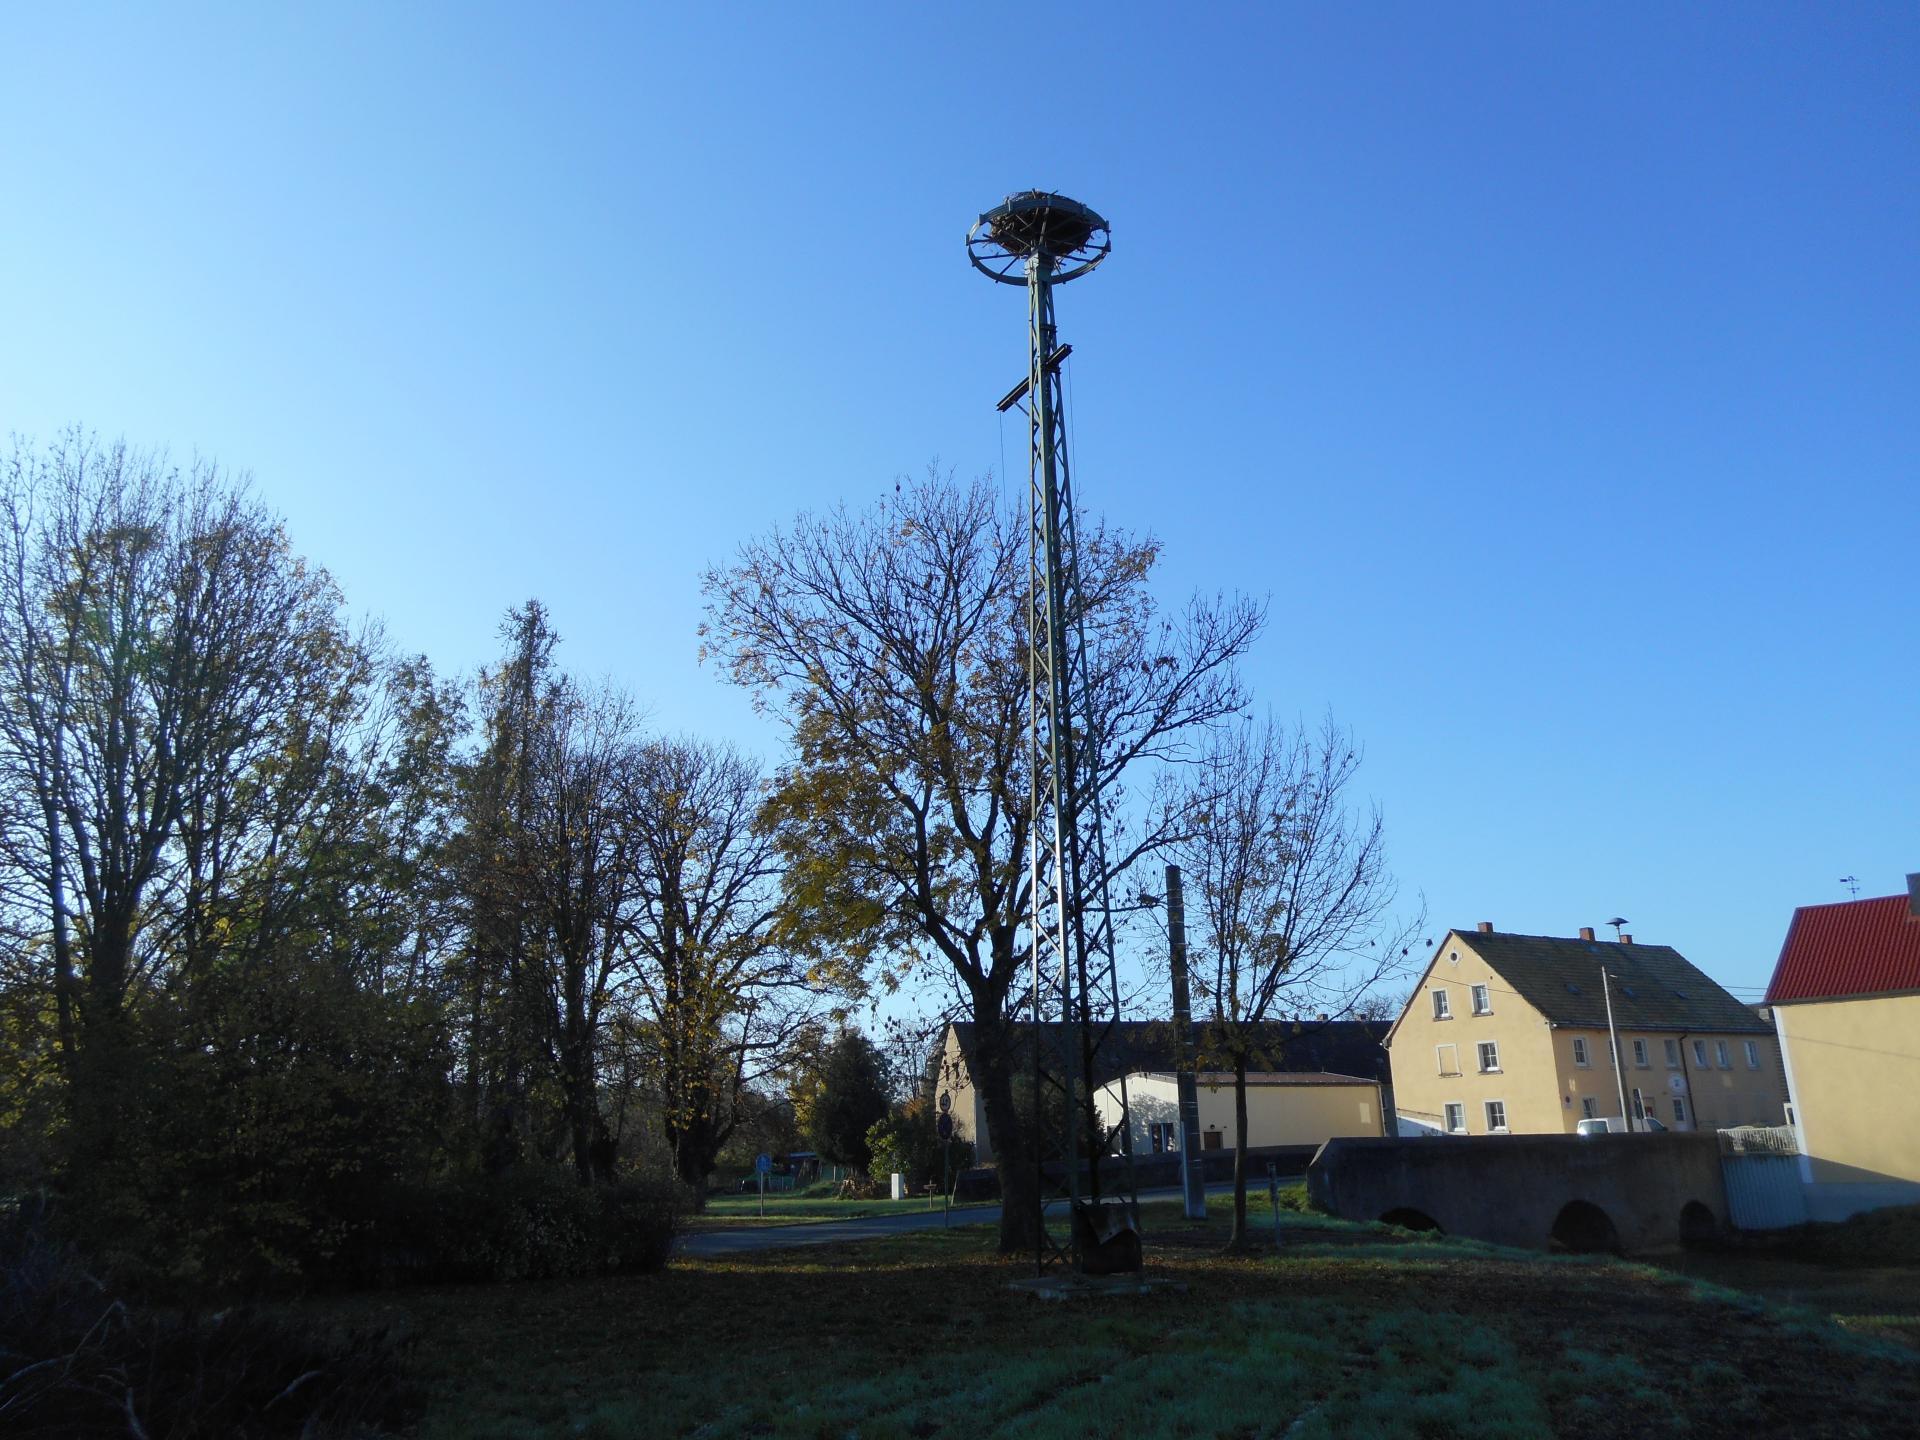 2020-11-05_Storchenhorst-Wellerswalde-04